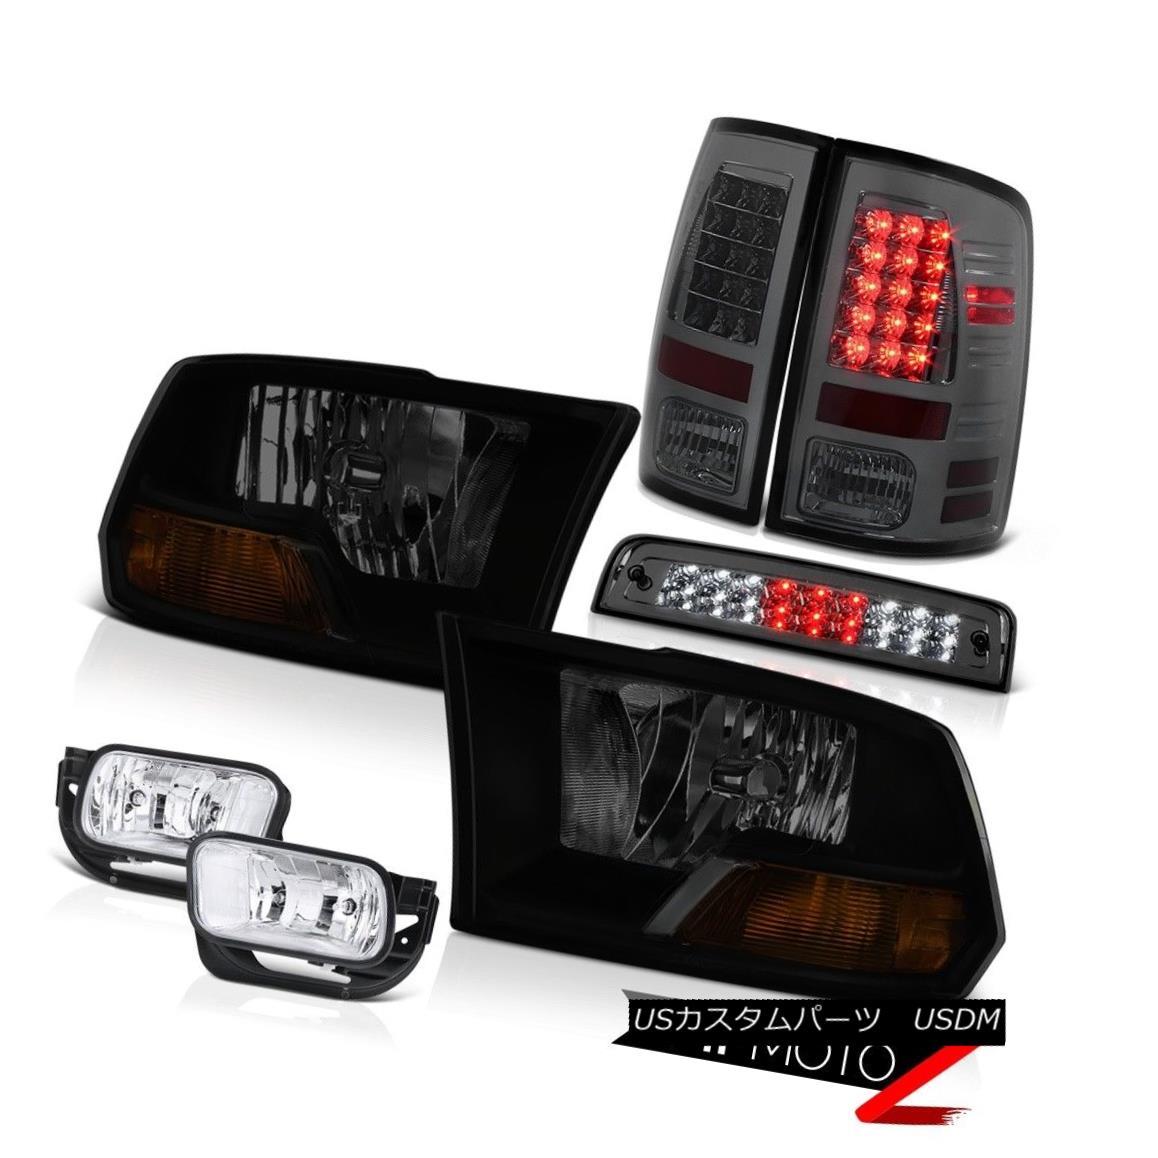 テールライト 2009-2013 Dodge Ram 1500 6.7L Fog Lights High Stop Lamp Taillamps Headlights LED 2009-2013 Dodge Ram 1500 6.7LフォグライトハイストップランプタイルランプヘッドライトLED